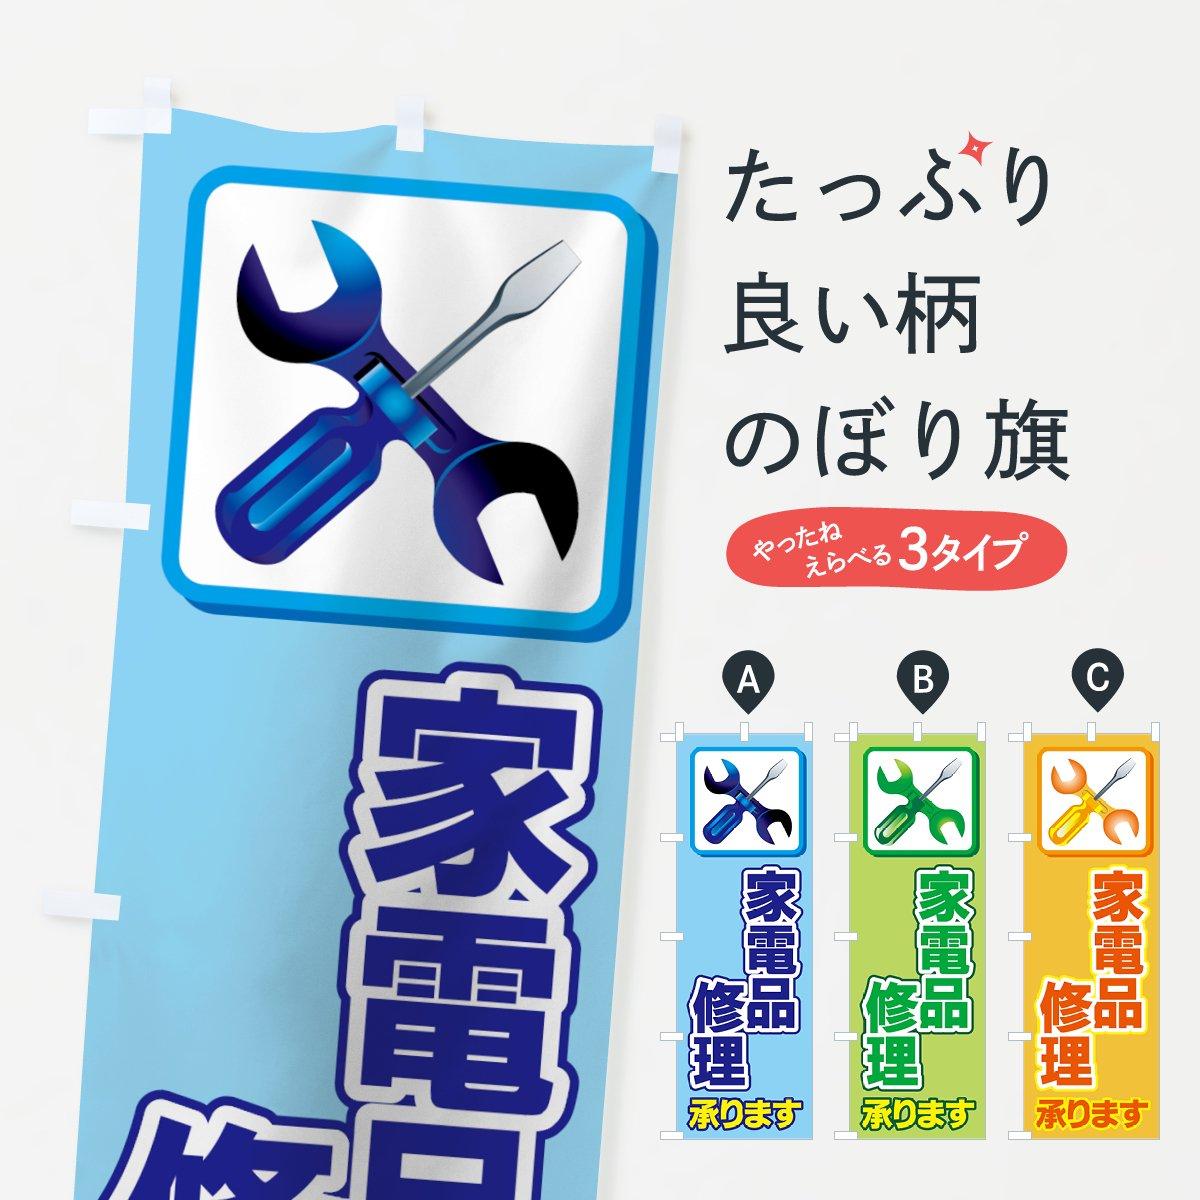 家電品修理のぼり旗【承ります】[家電修理]